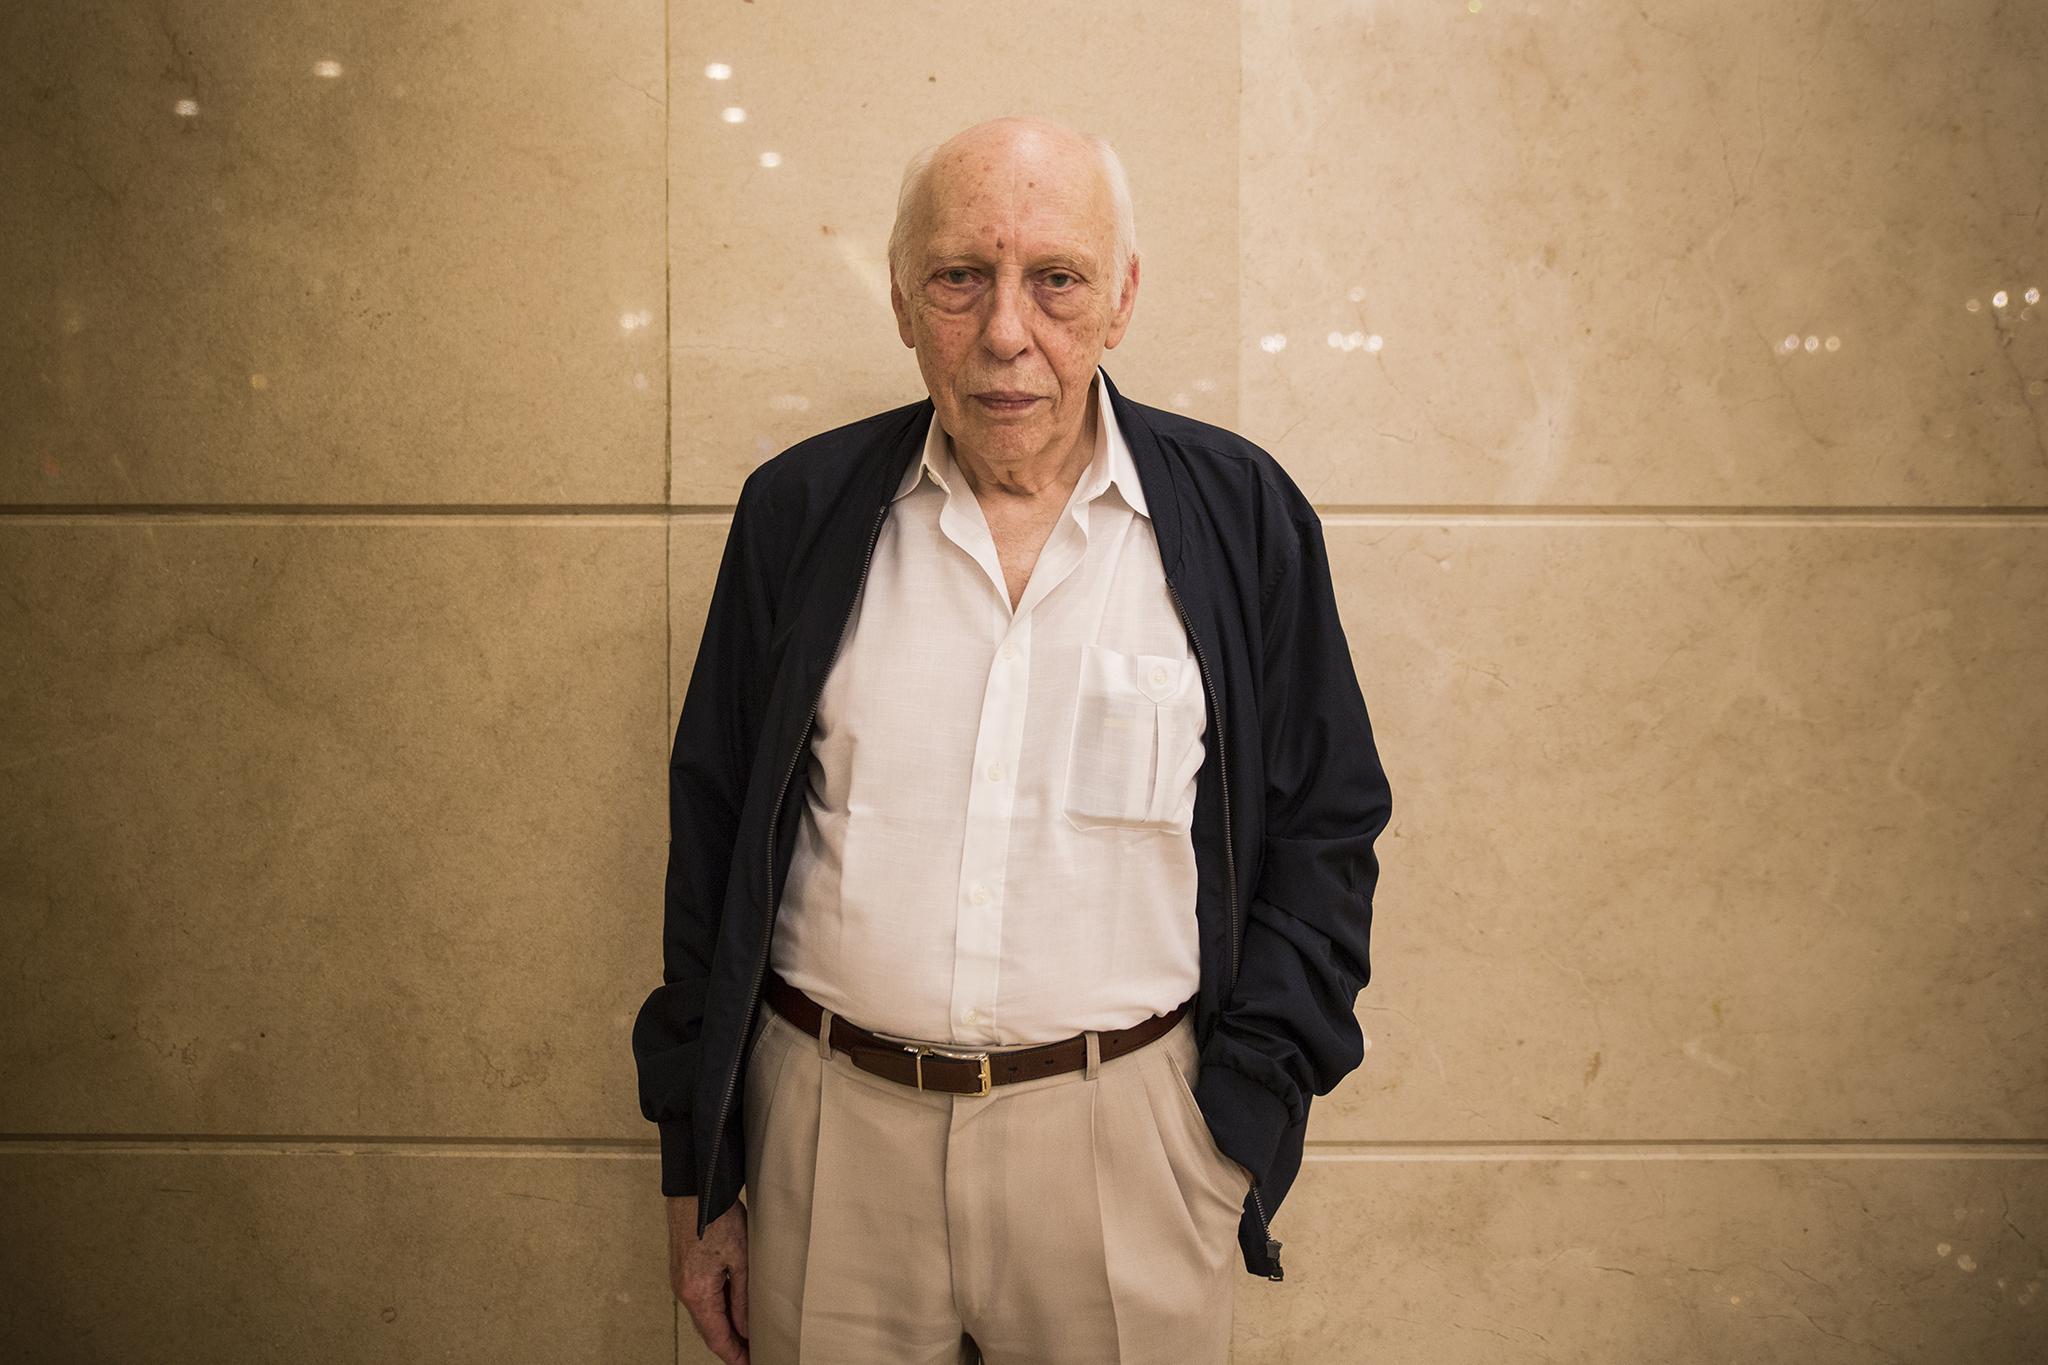 Entrevista | Hélder Macedo, escritor e investigador